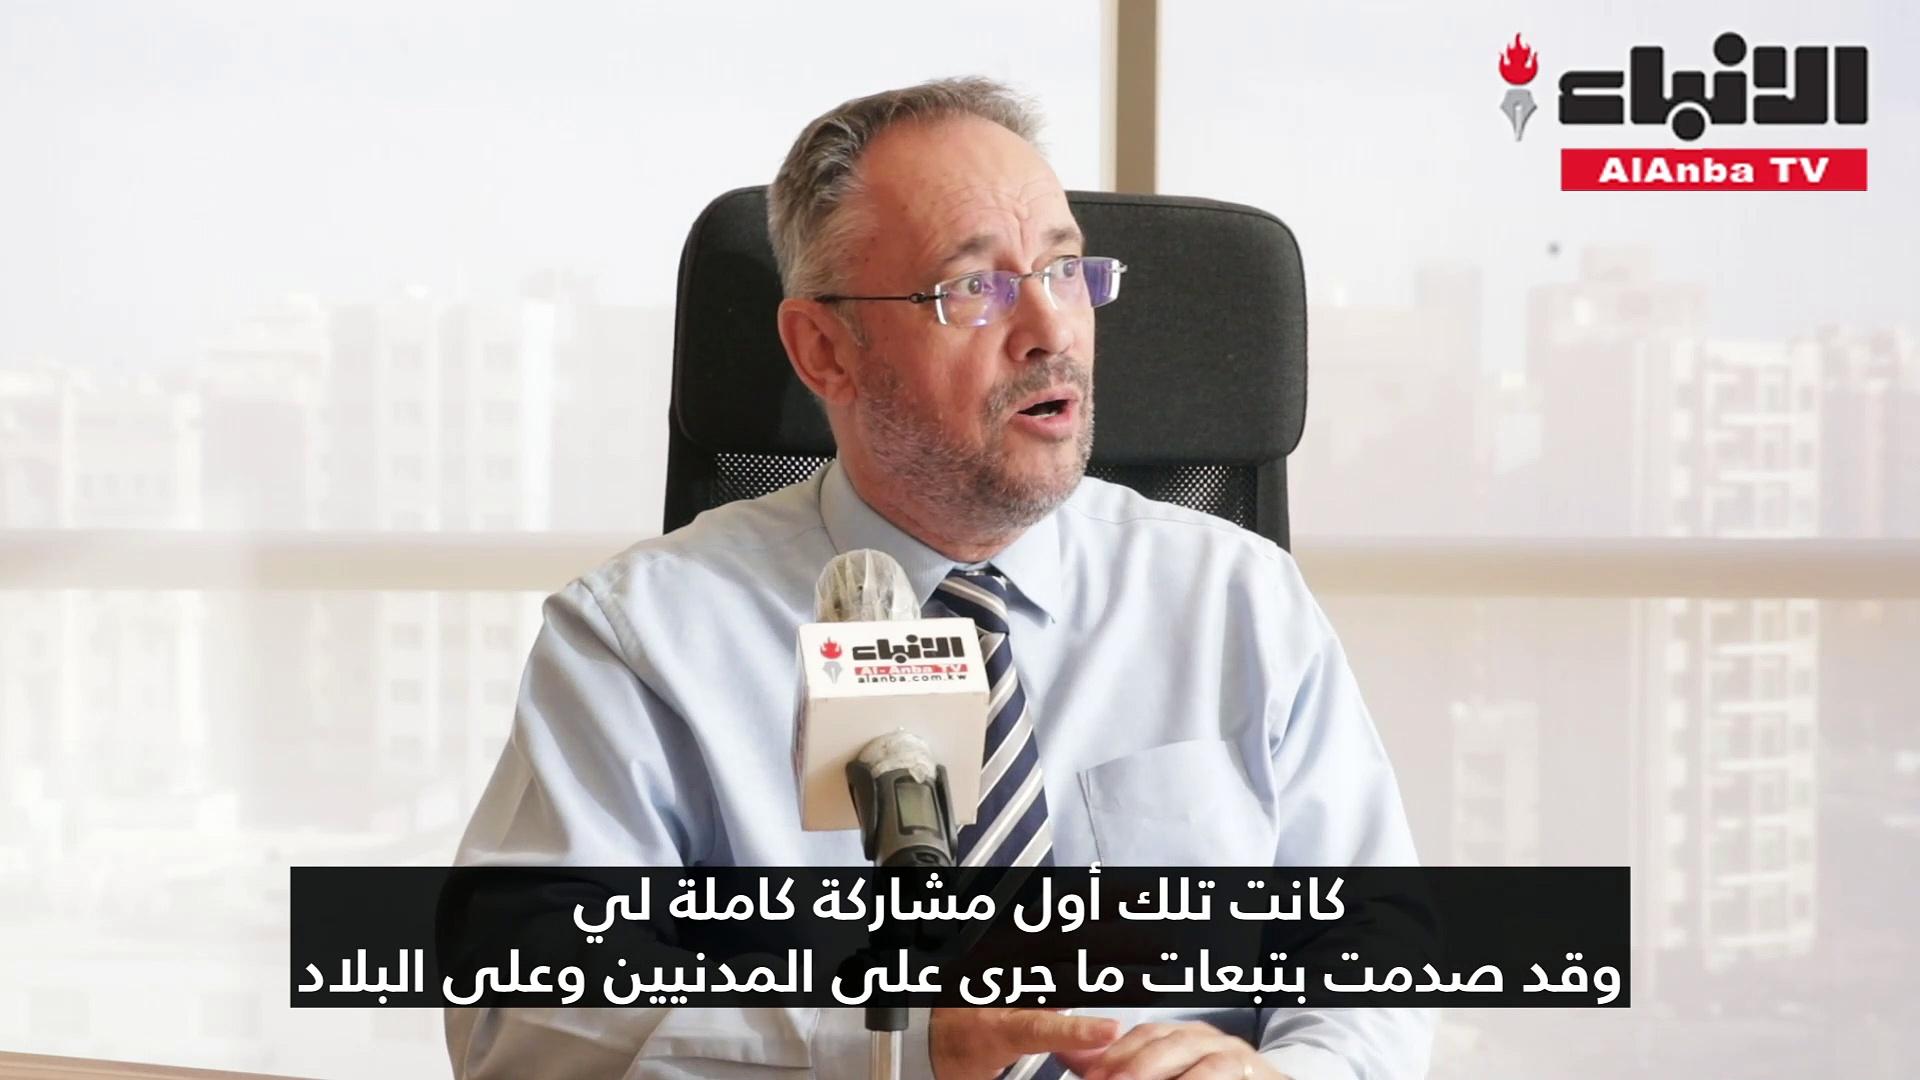 مدير DCI جيري فيرجوت لـ «الأنباء»:  أنجزنا تدريب الطيارين الكويتيين على «الكاراكال» في فرنسا خلال نوفمبر الماضي وهم يتمتعون بكفاءة عالية